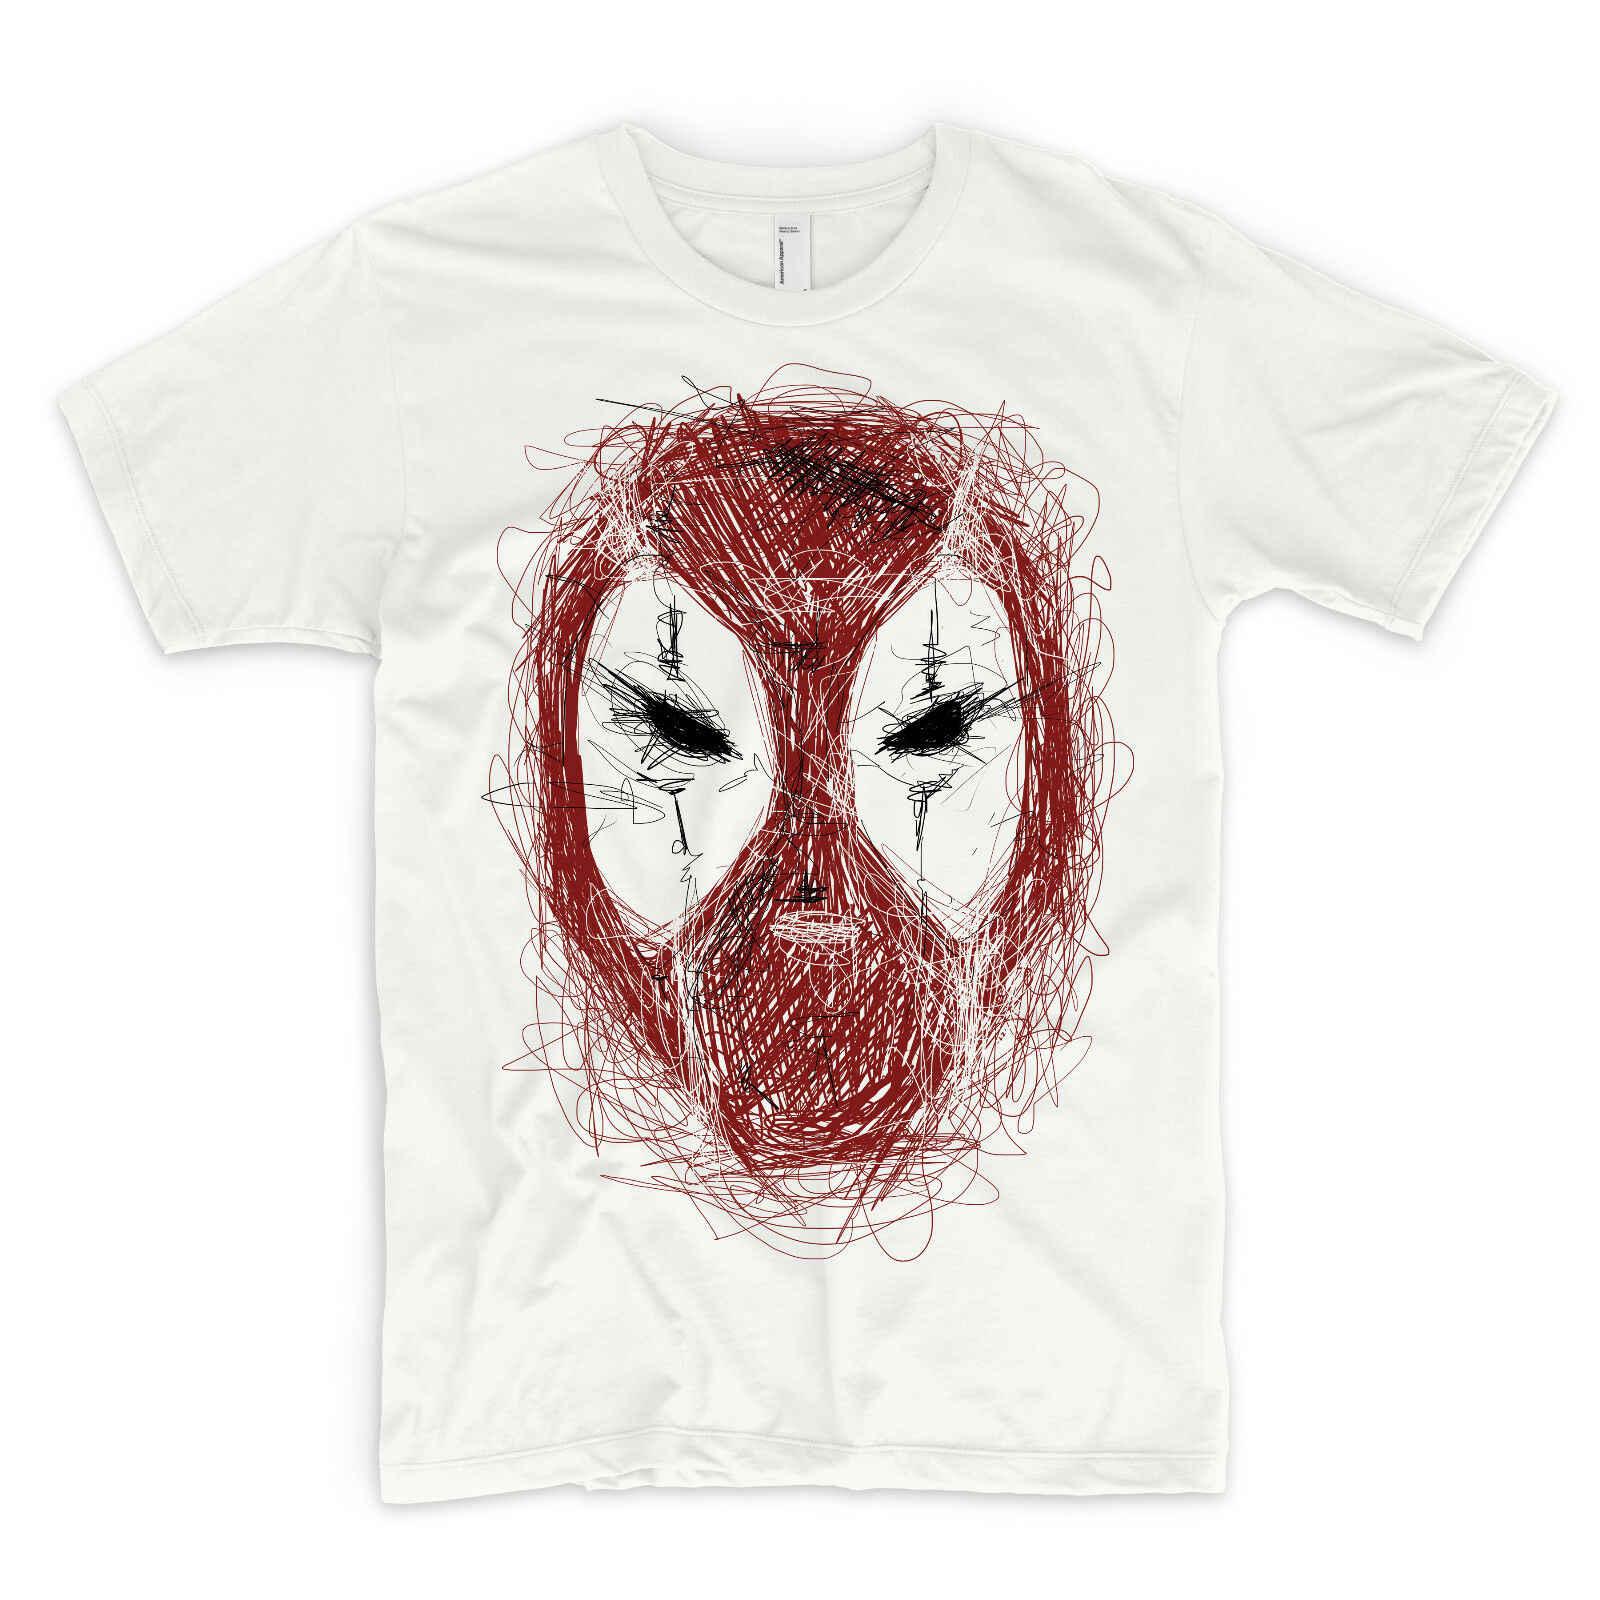 Футболка Дэдпул Gesicht Superheld Zeichnung Бэтмен Мстители DC Marvel Joker